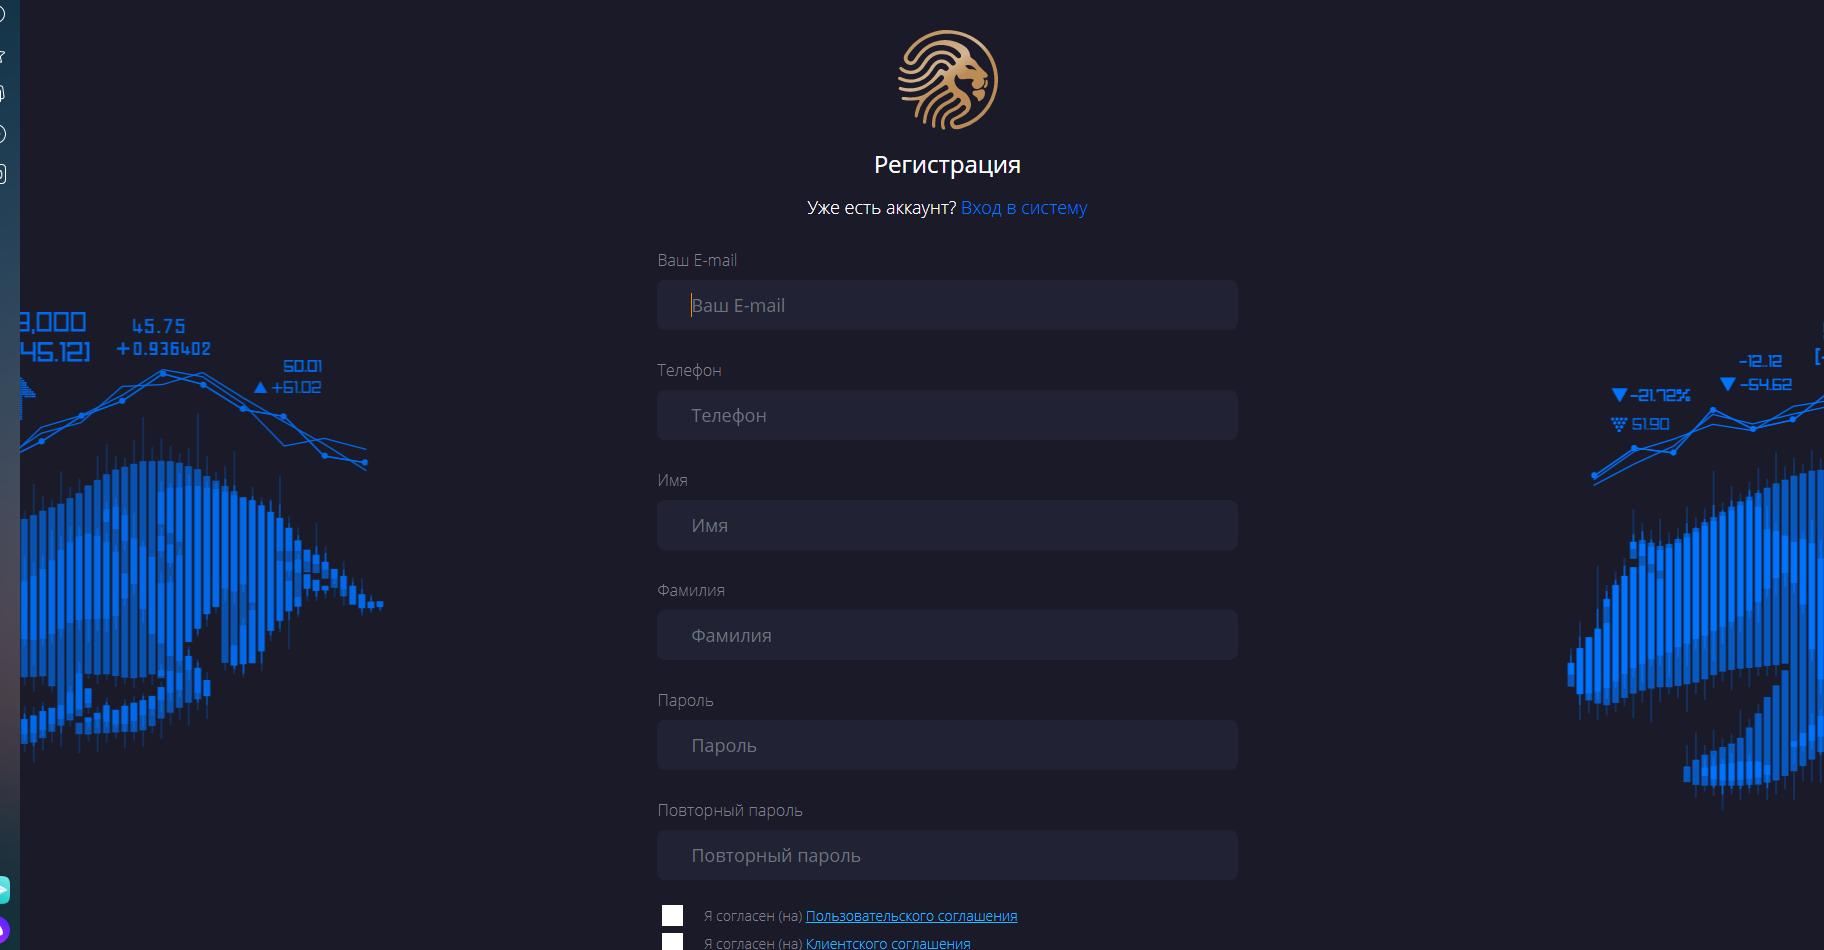 Регистрация на сайте Lion Trade Online